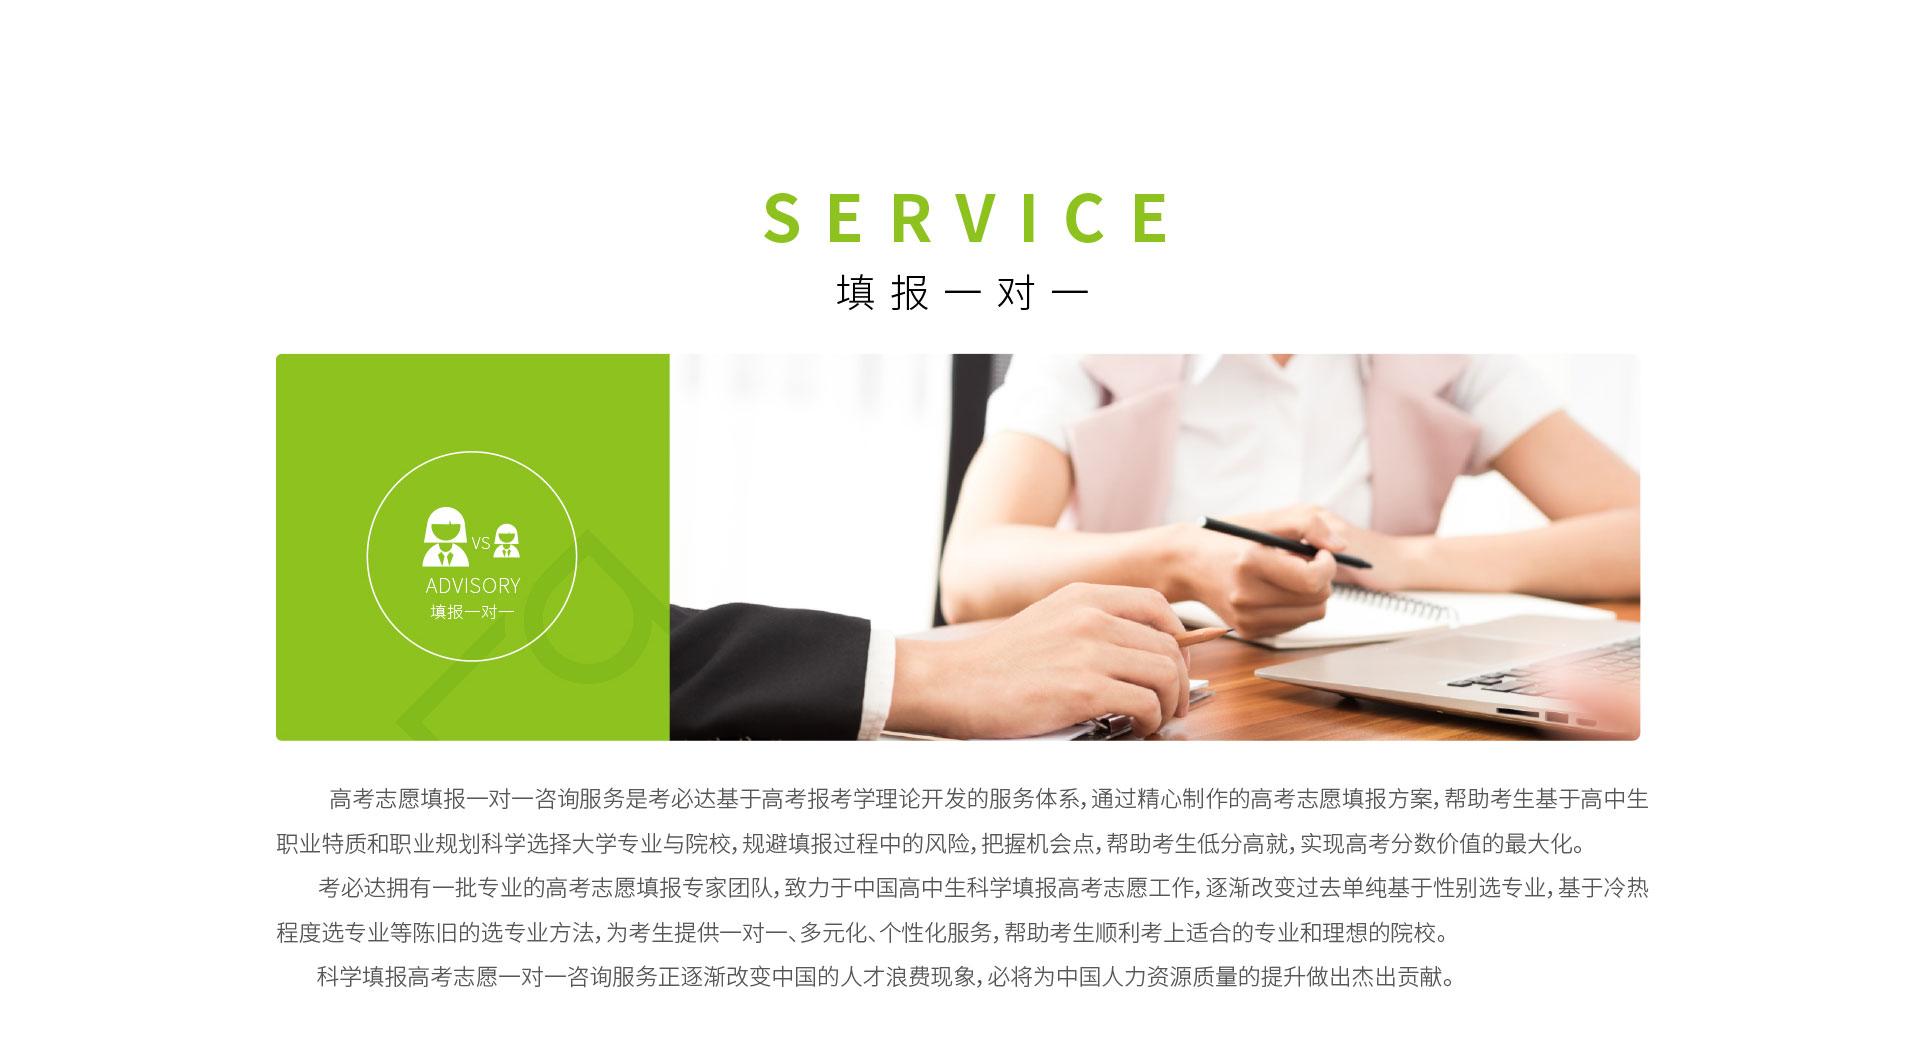 新版我们的服务详情页03